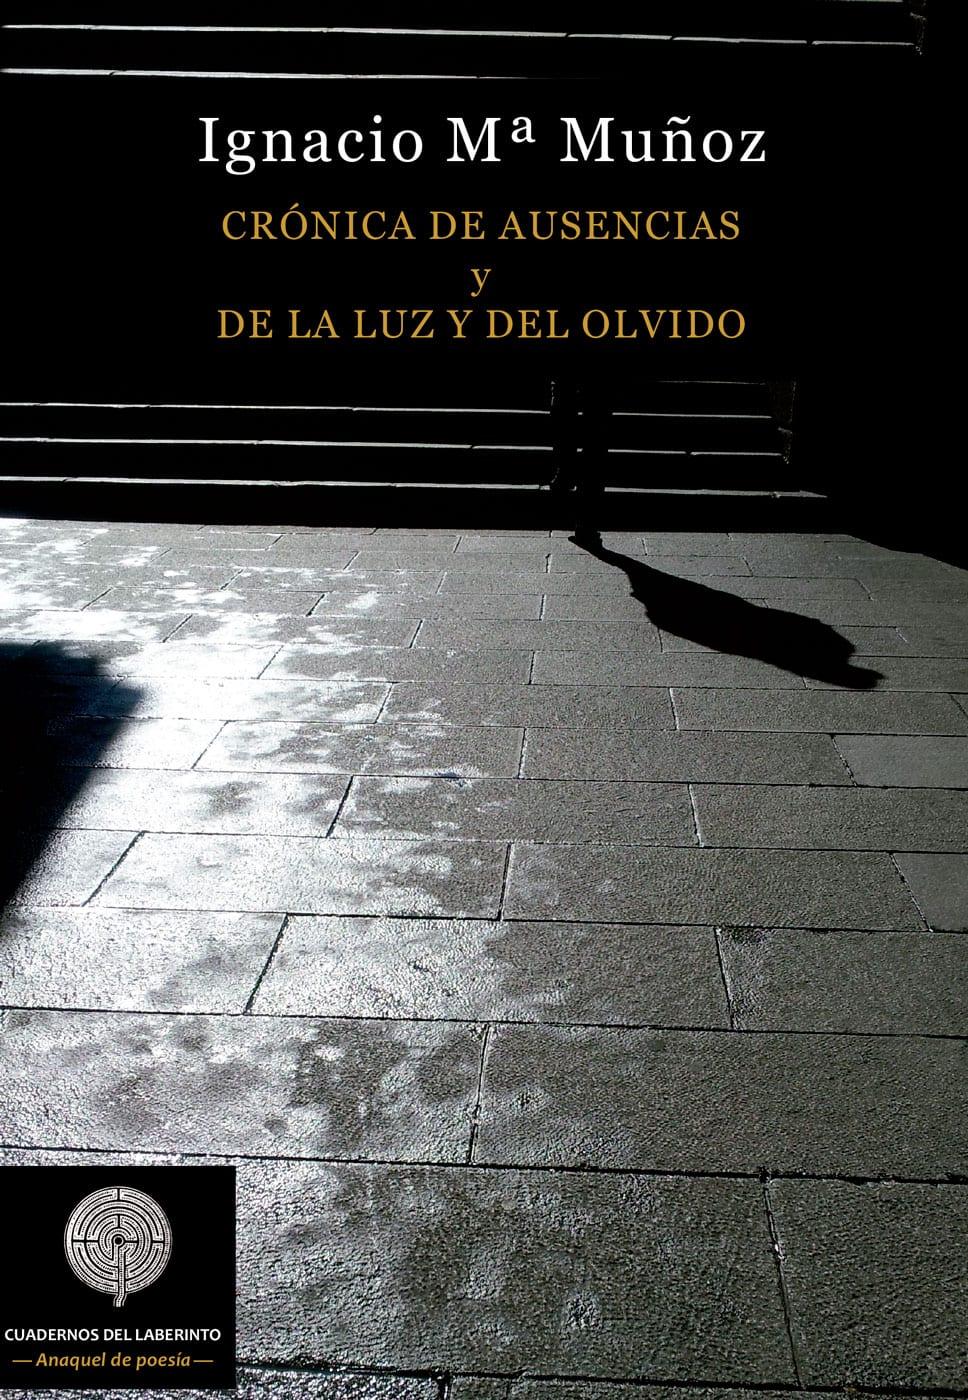 Crónicas de la ausencia y de la luz y del olvido, de Ignacio Mª Muñoz - Reseña